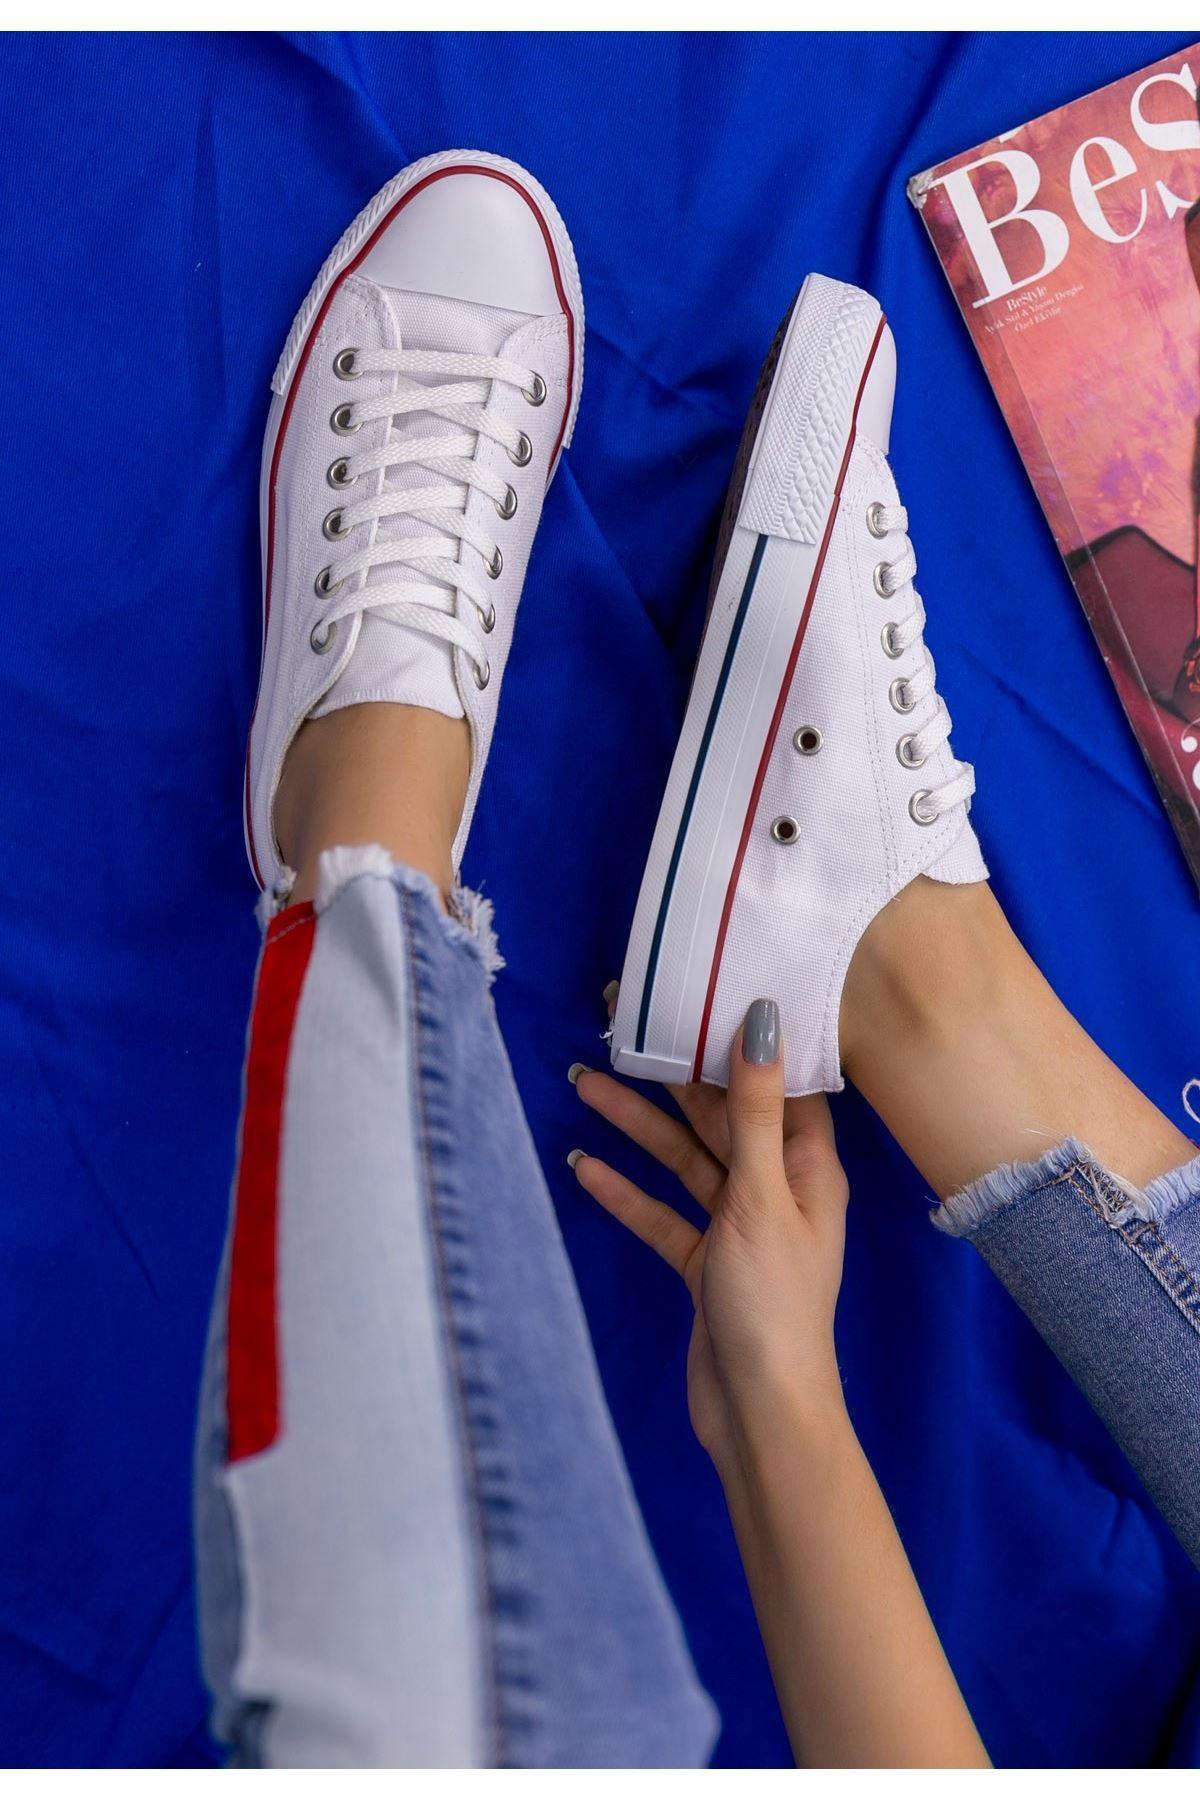 Moxi Beyaz Keten Spor Ayakkabı